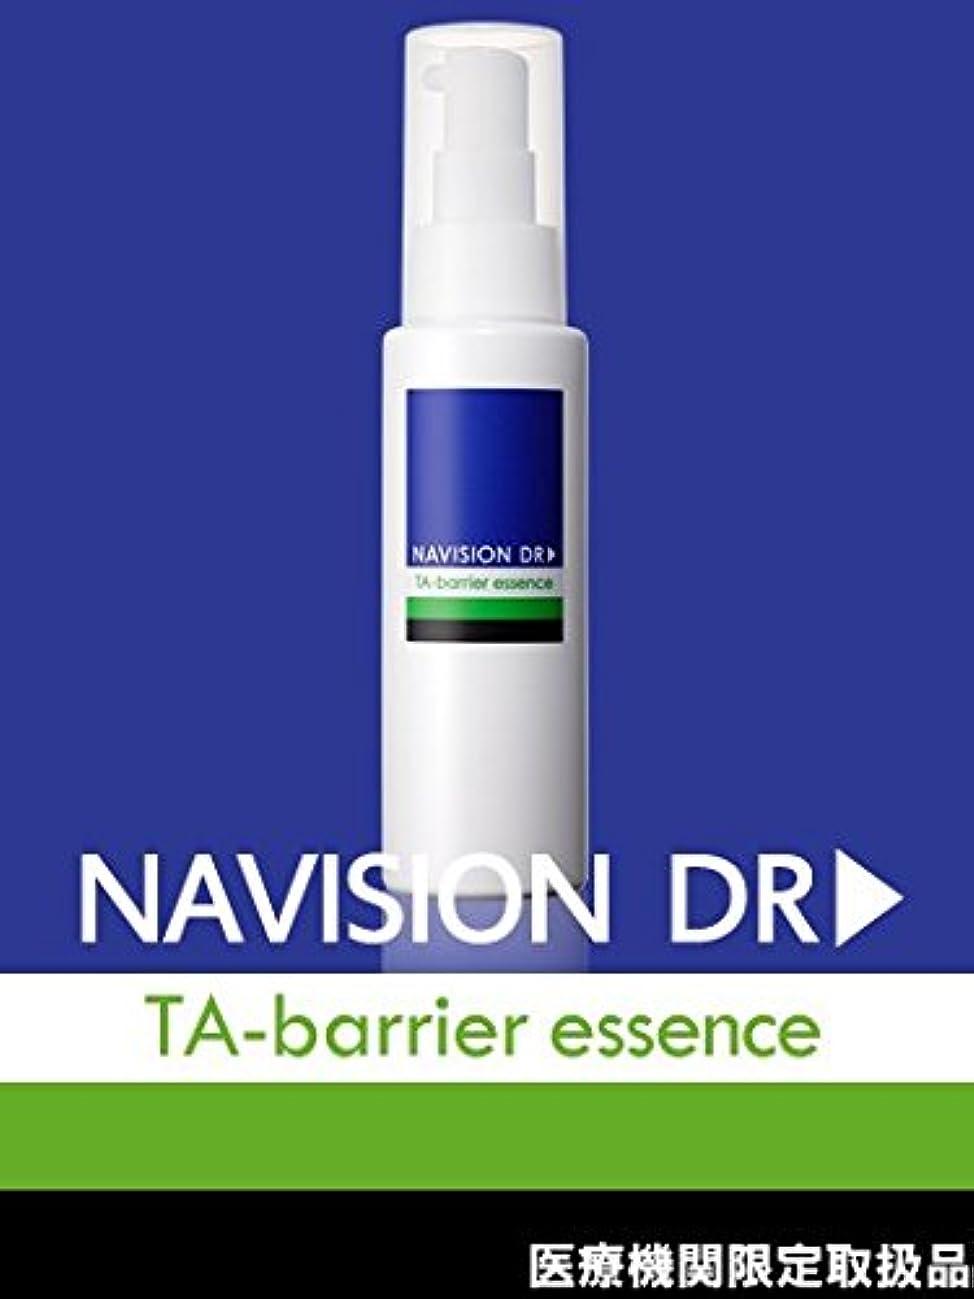 認知ウィスキー眠っているNAVISION DR? ナビジョンDR TAバリアエッセンス(医薬部外品) 80mL 【医療機関限定取扱品】